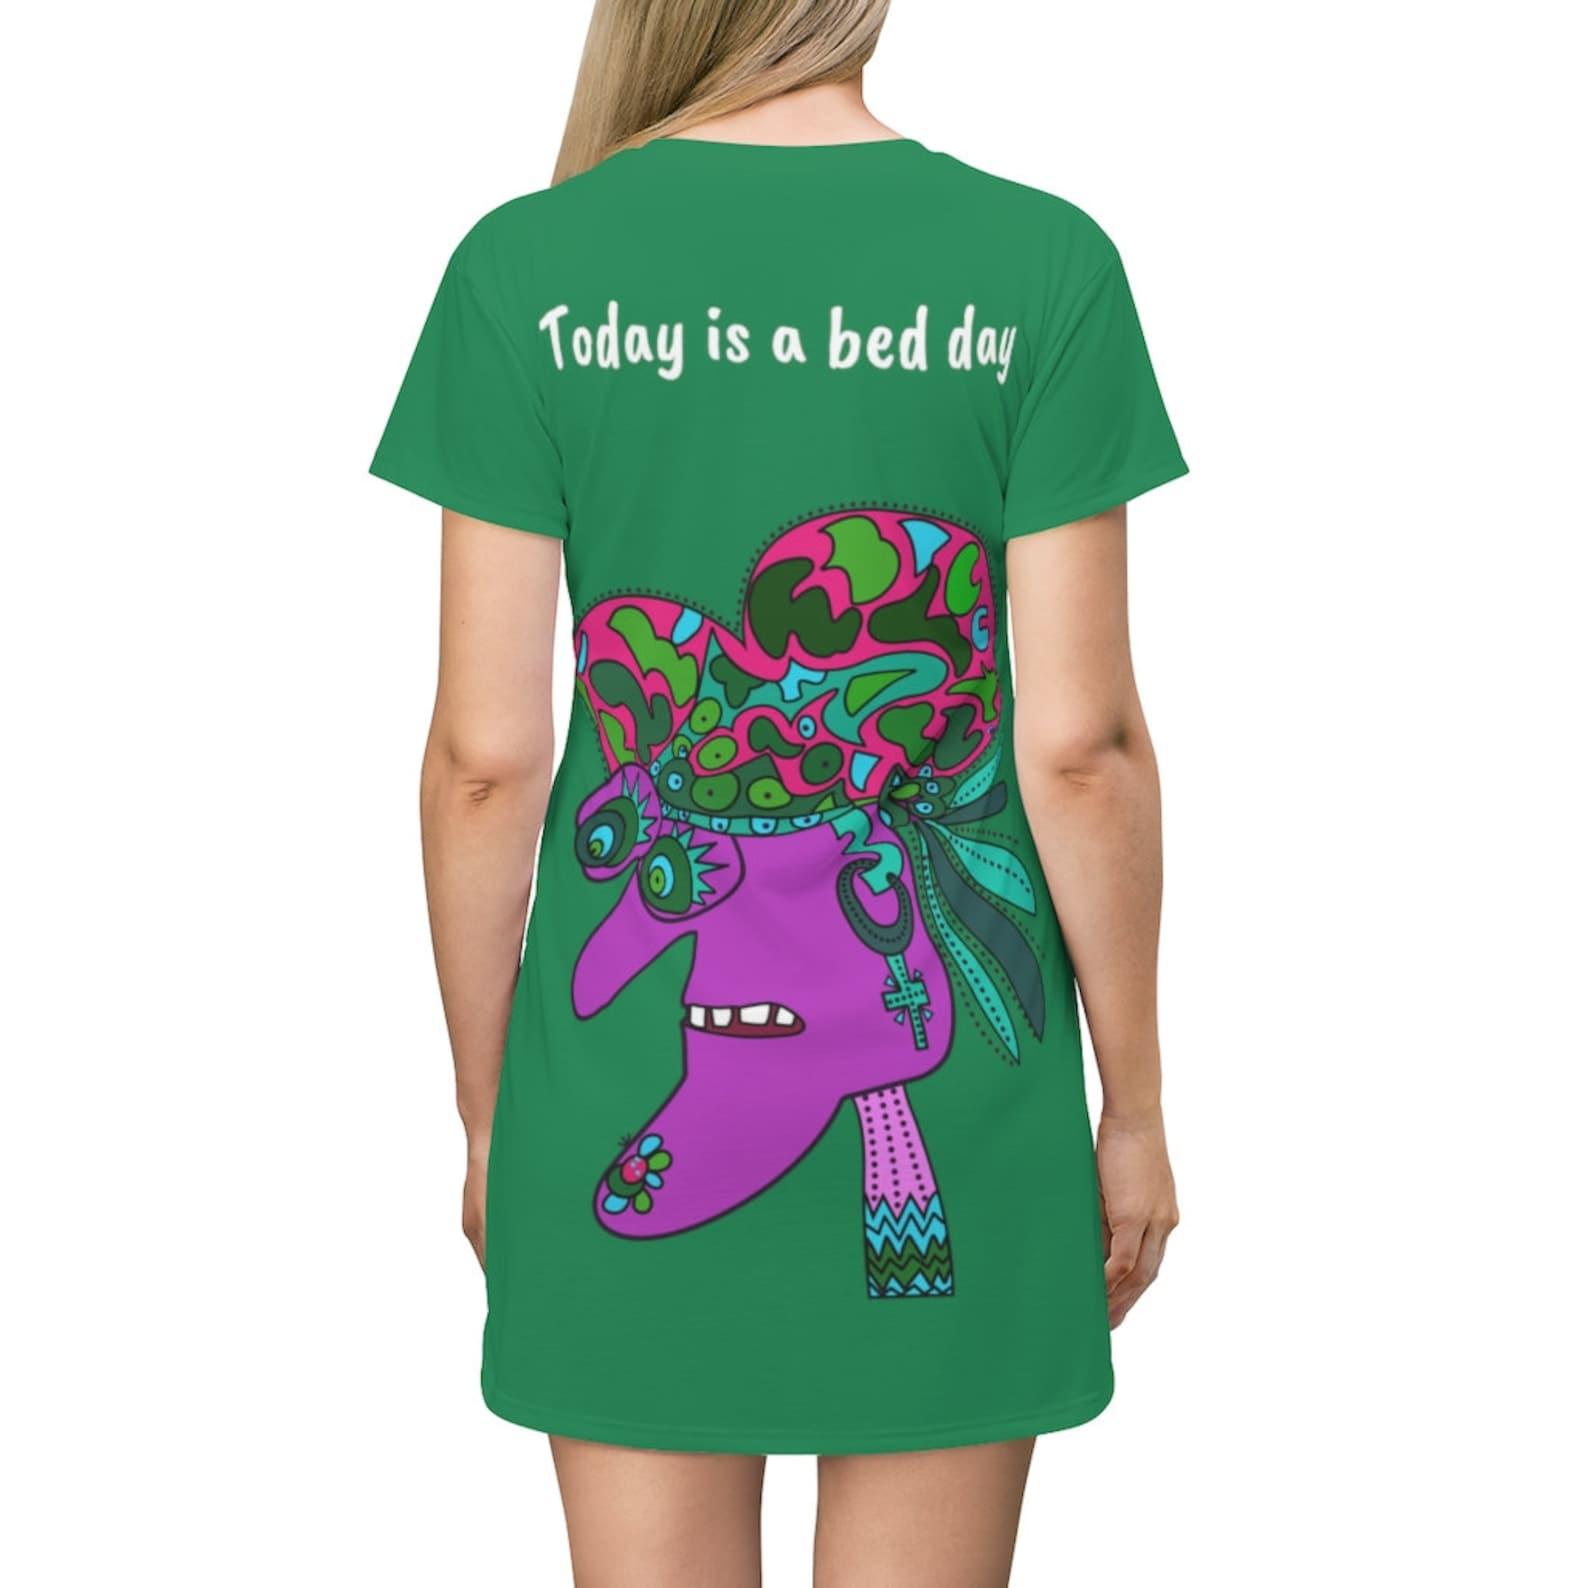 shirt t-shirt cooles hemd grün lila gesicht kleid shirt | etsy